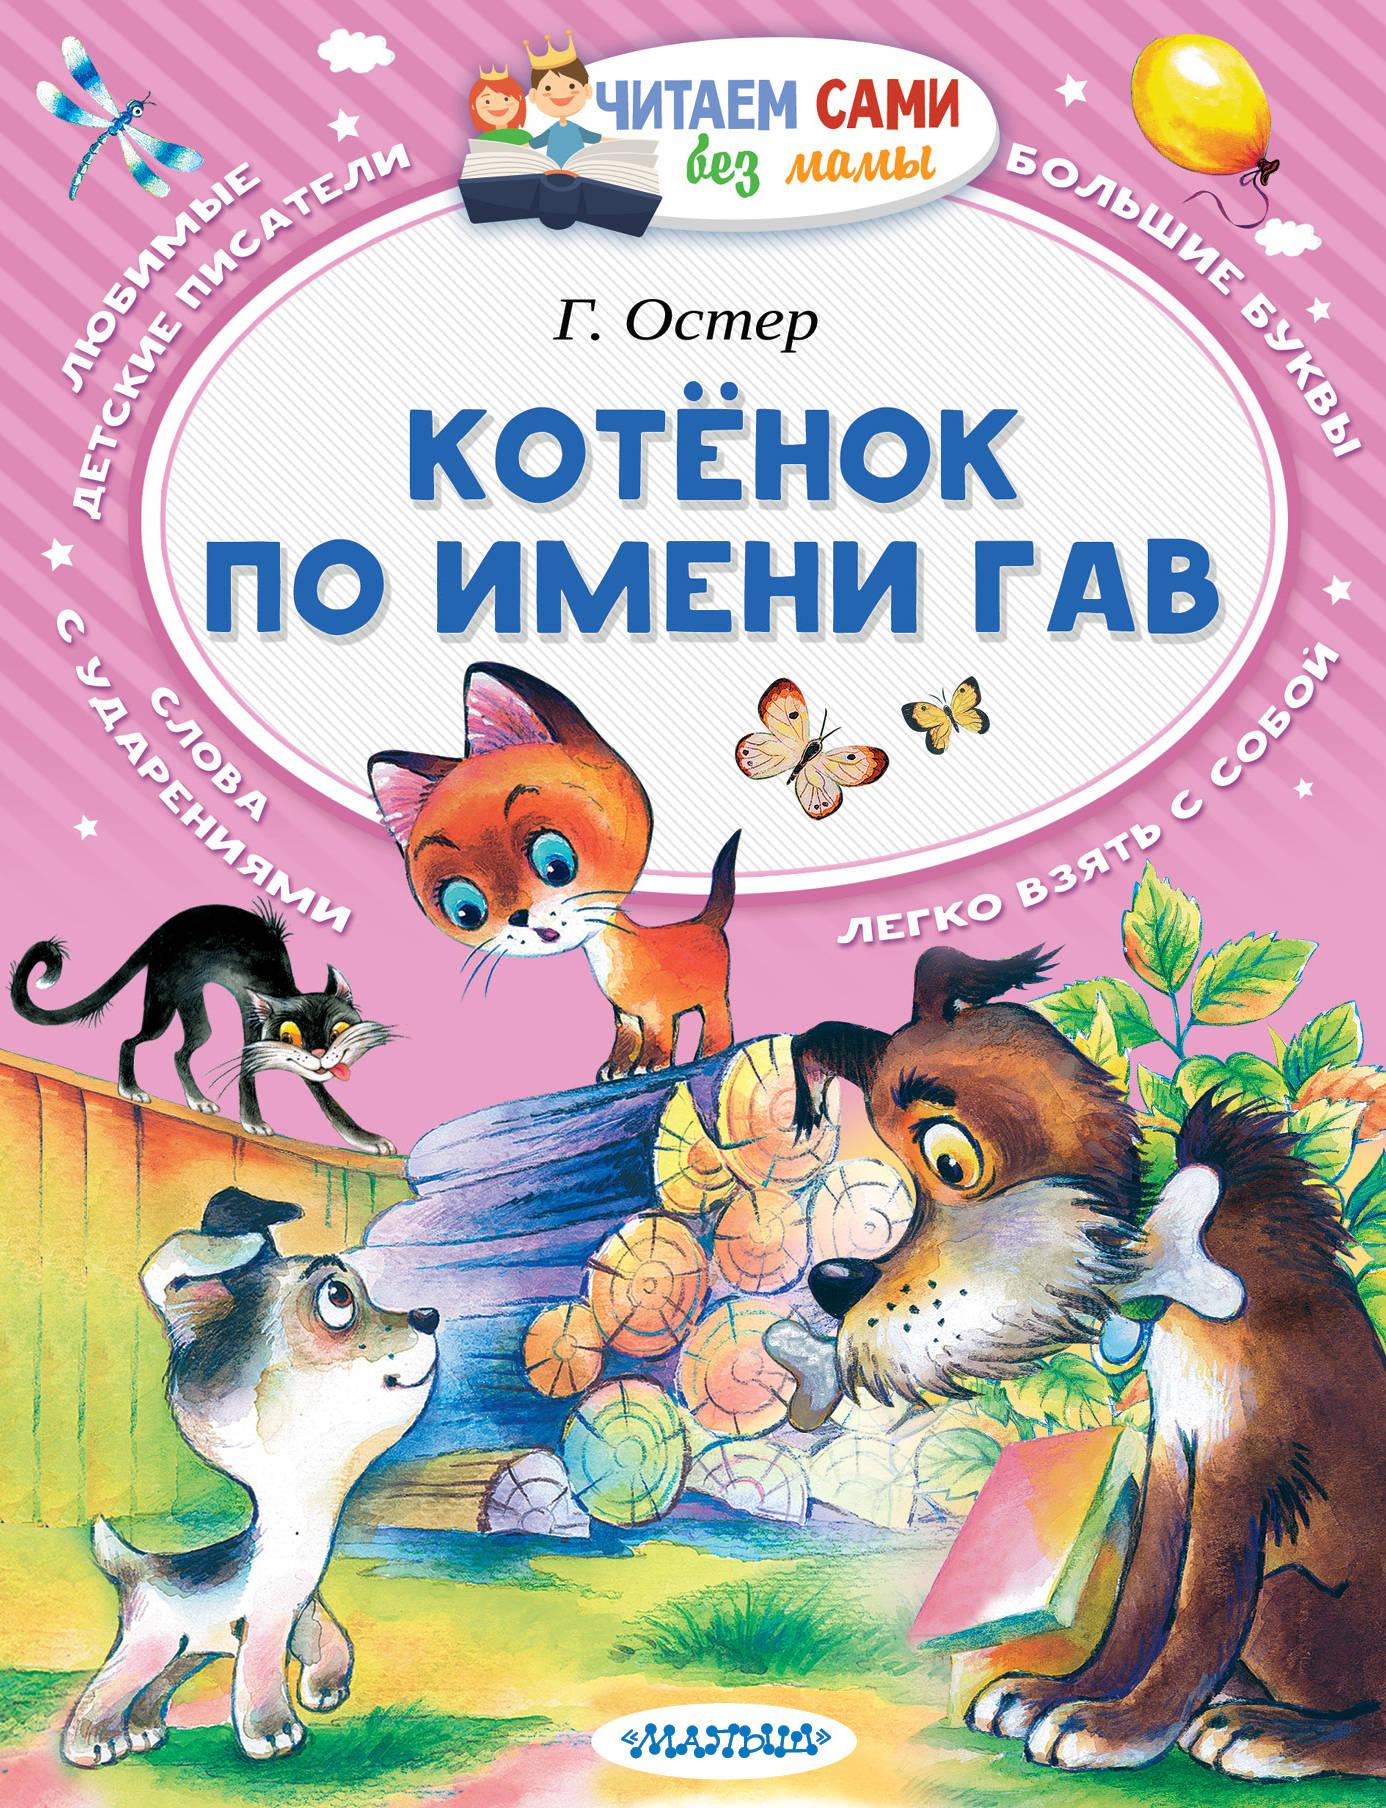 Купить Котёнок по имени Гав, АСТ, Детская художественная литература